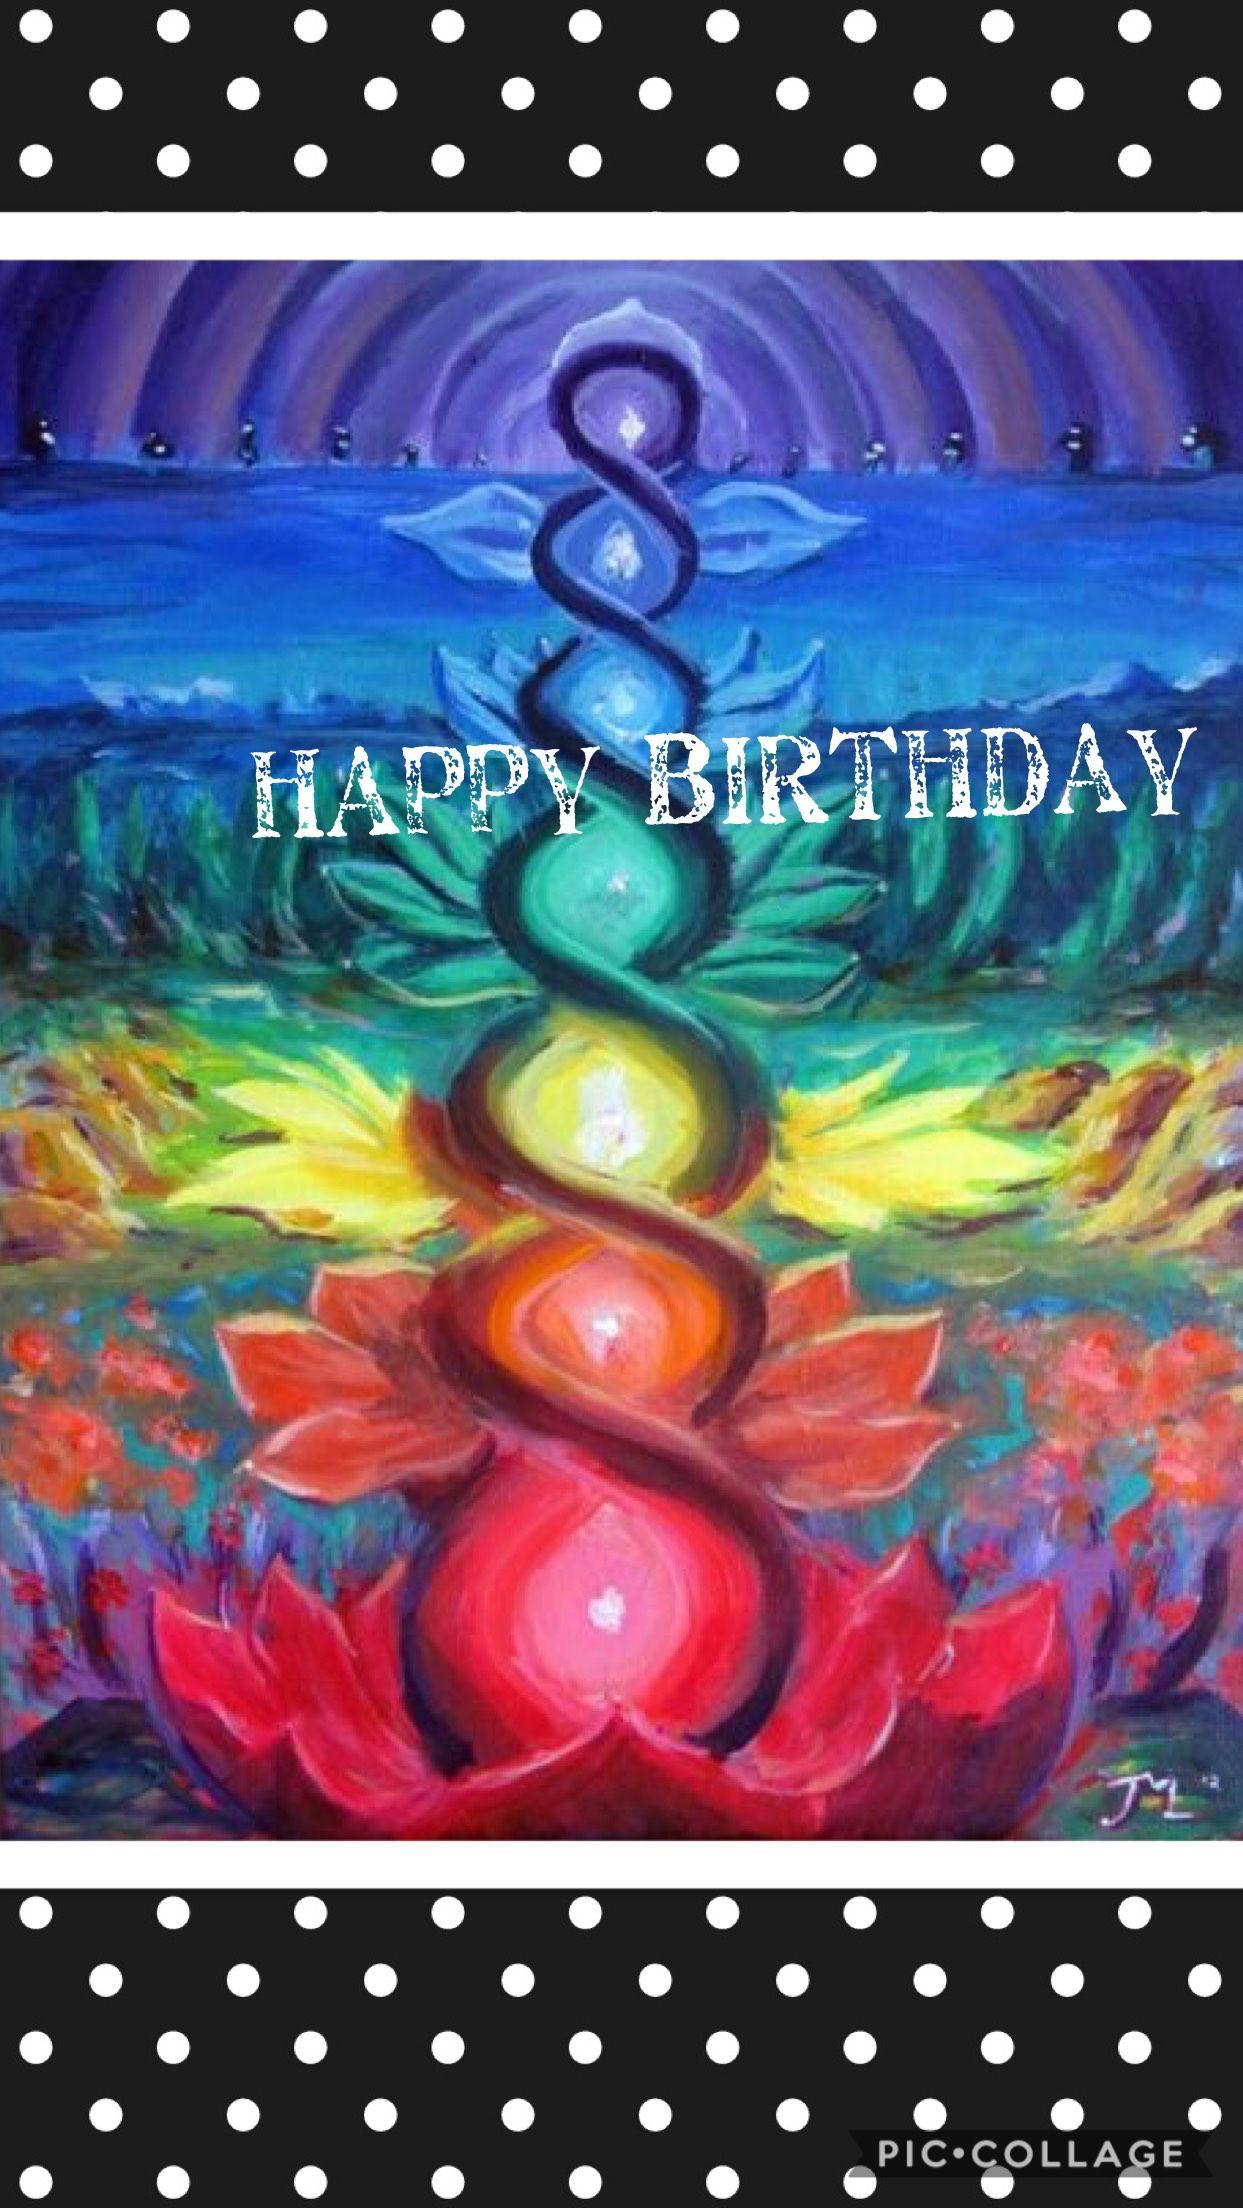 Pin by darlene christian on birthdays pinterest happy birthday